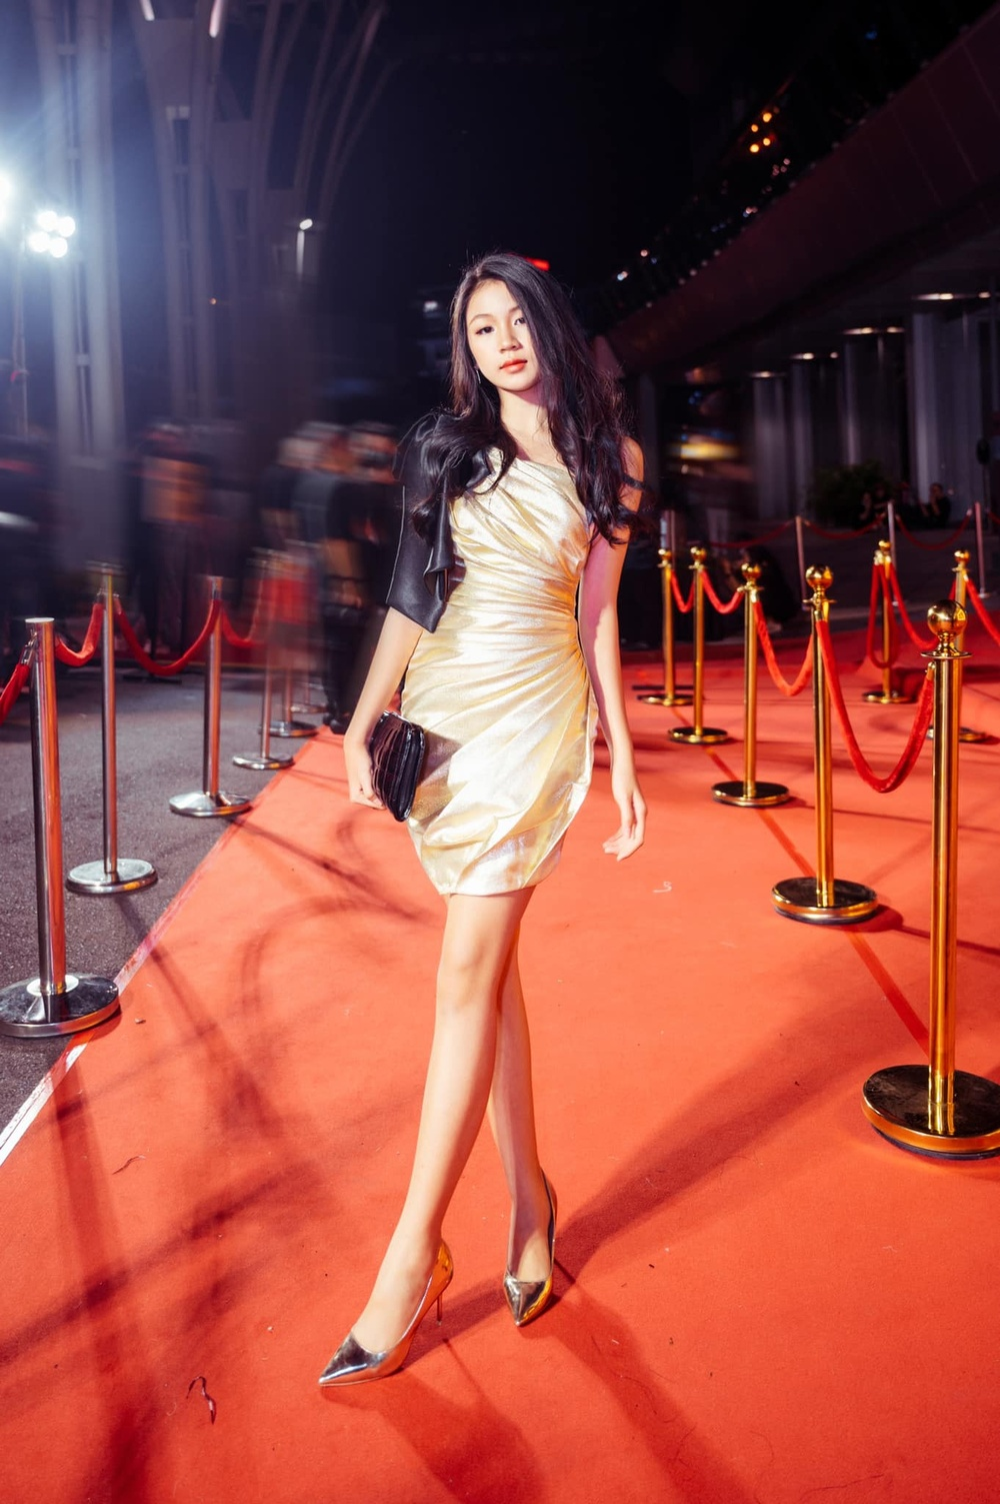 Con gái 16 tuổi của Lưu Thiên Hương khoe nhan sắc xinh như Hoa hậu khiến ai cũng say đắm Ảnh 1